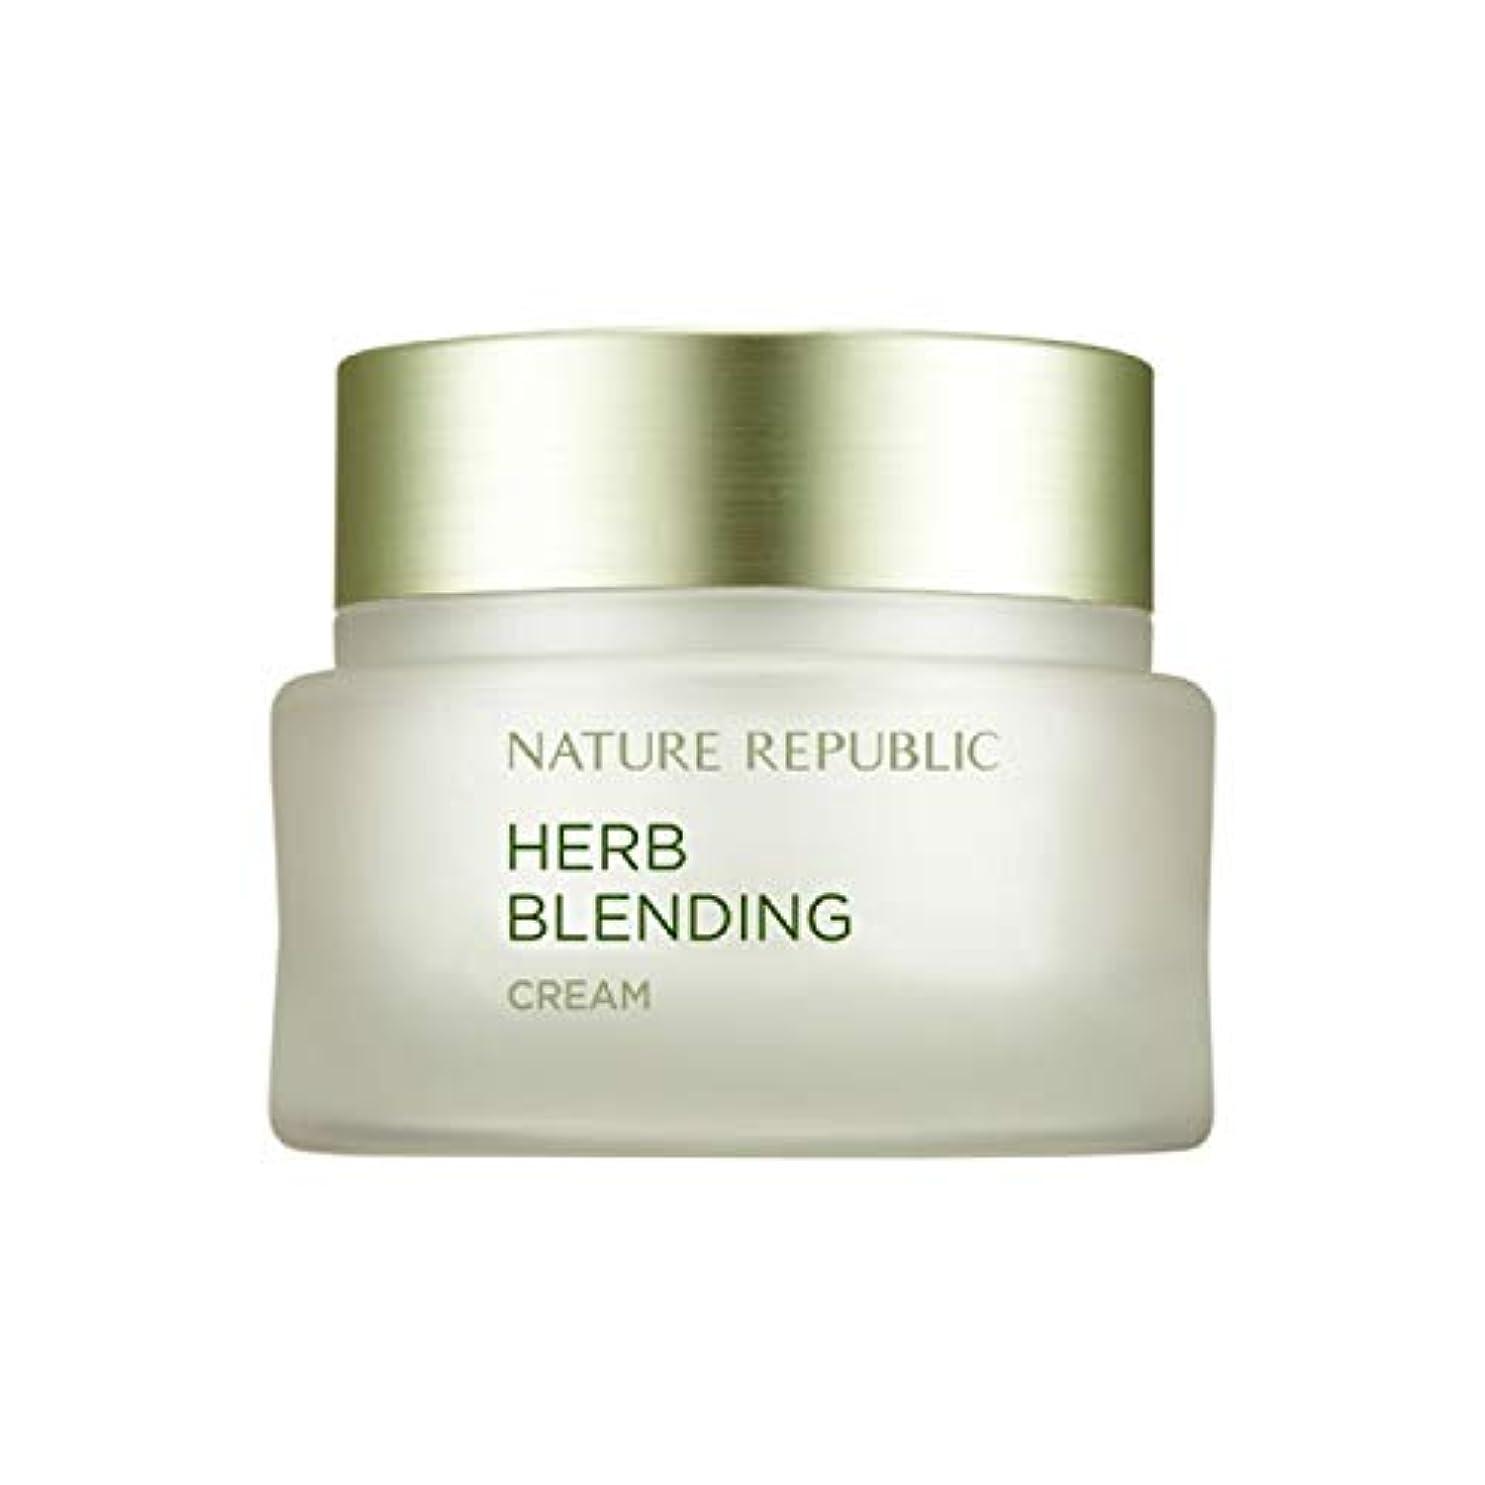 チャレンジモナリザ建てるネイチャーリパブリック(Nature Republic)ハブブレンドクリーム 50ml / Herb Blending Cream 50ml :: 韓国コスメ [並行輸入品]